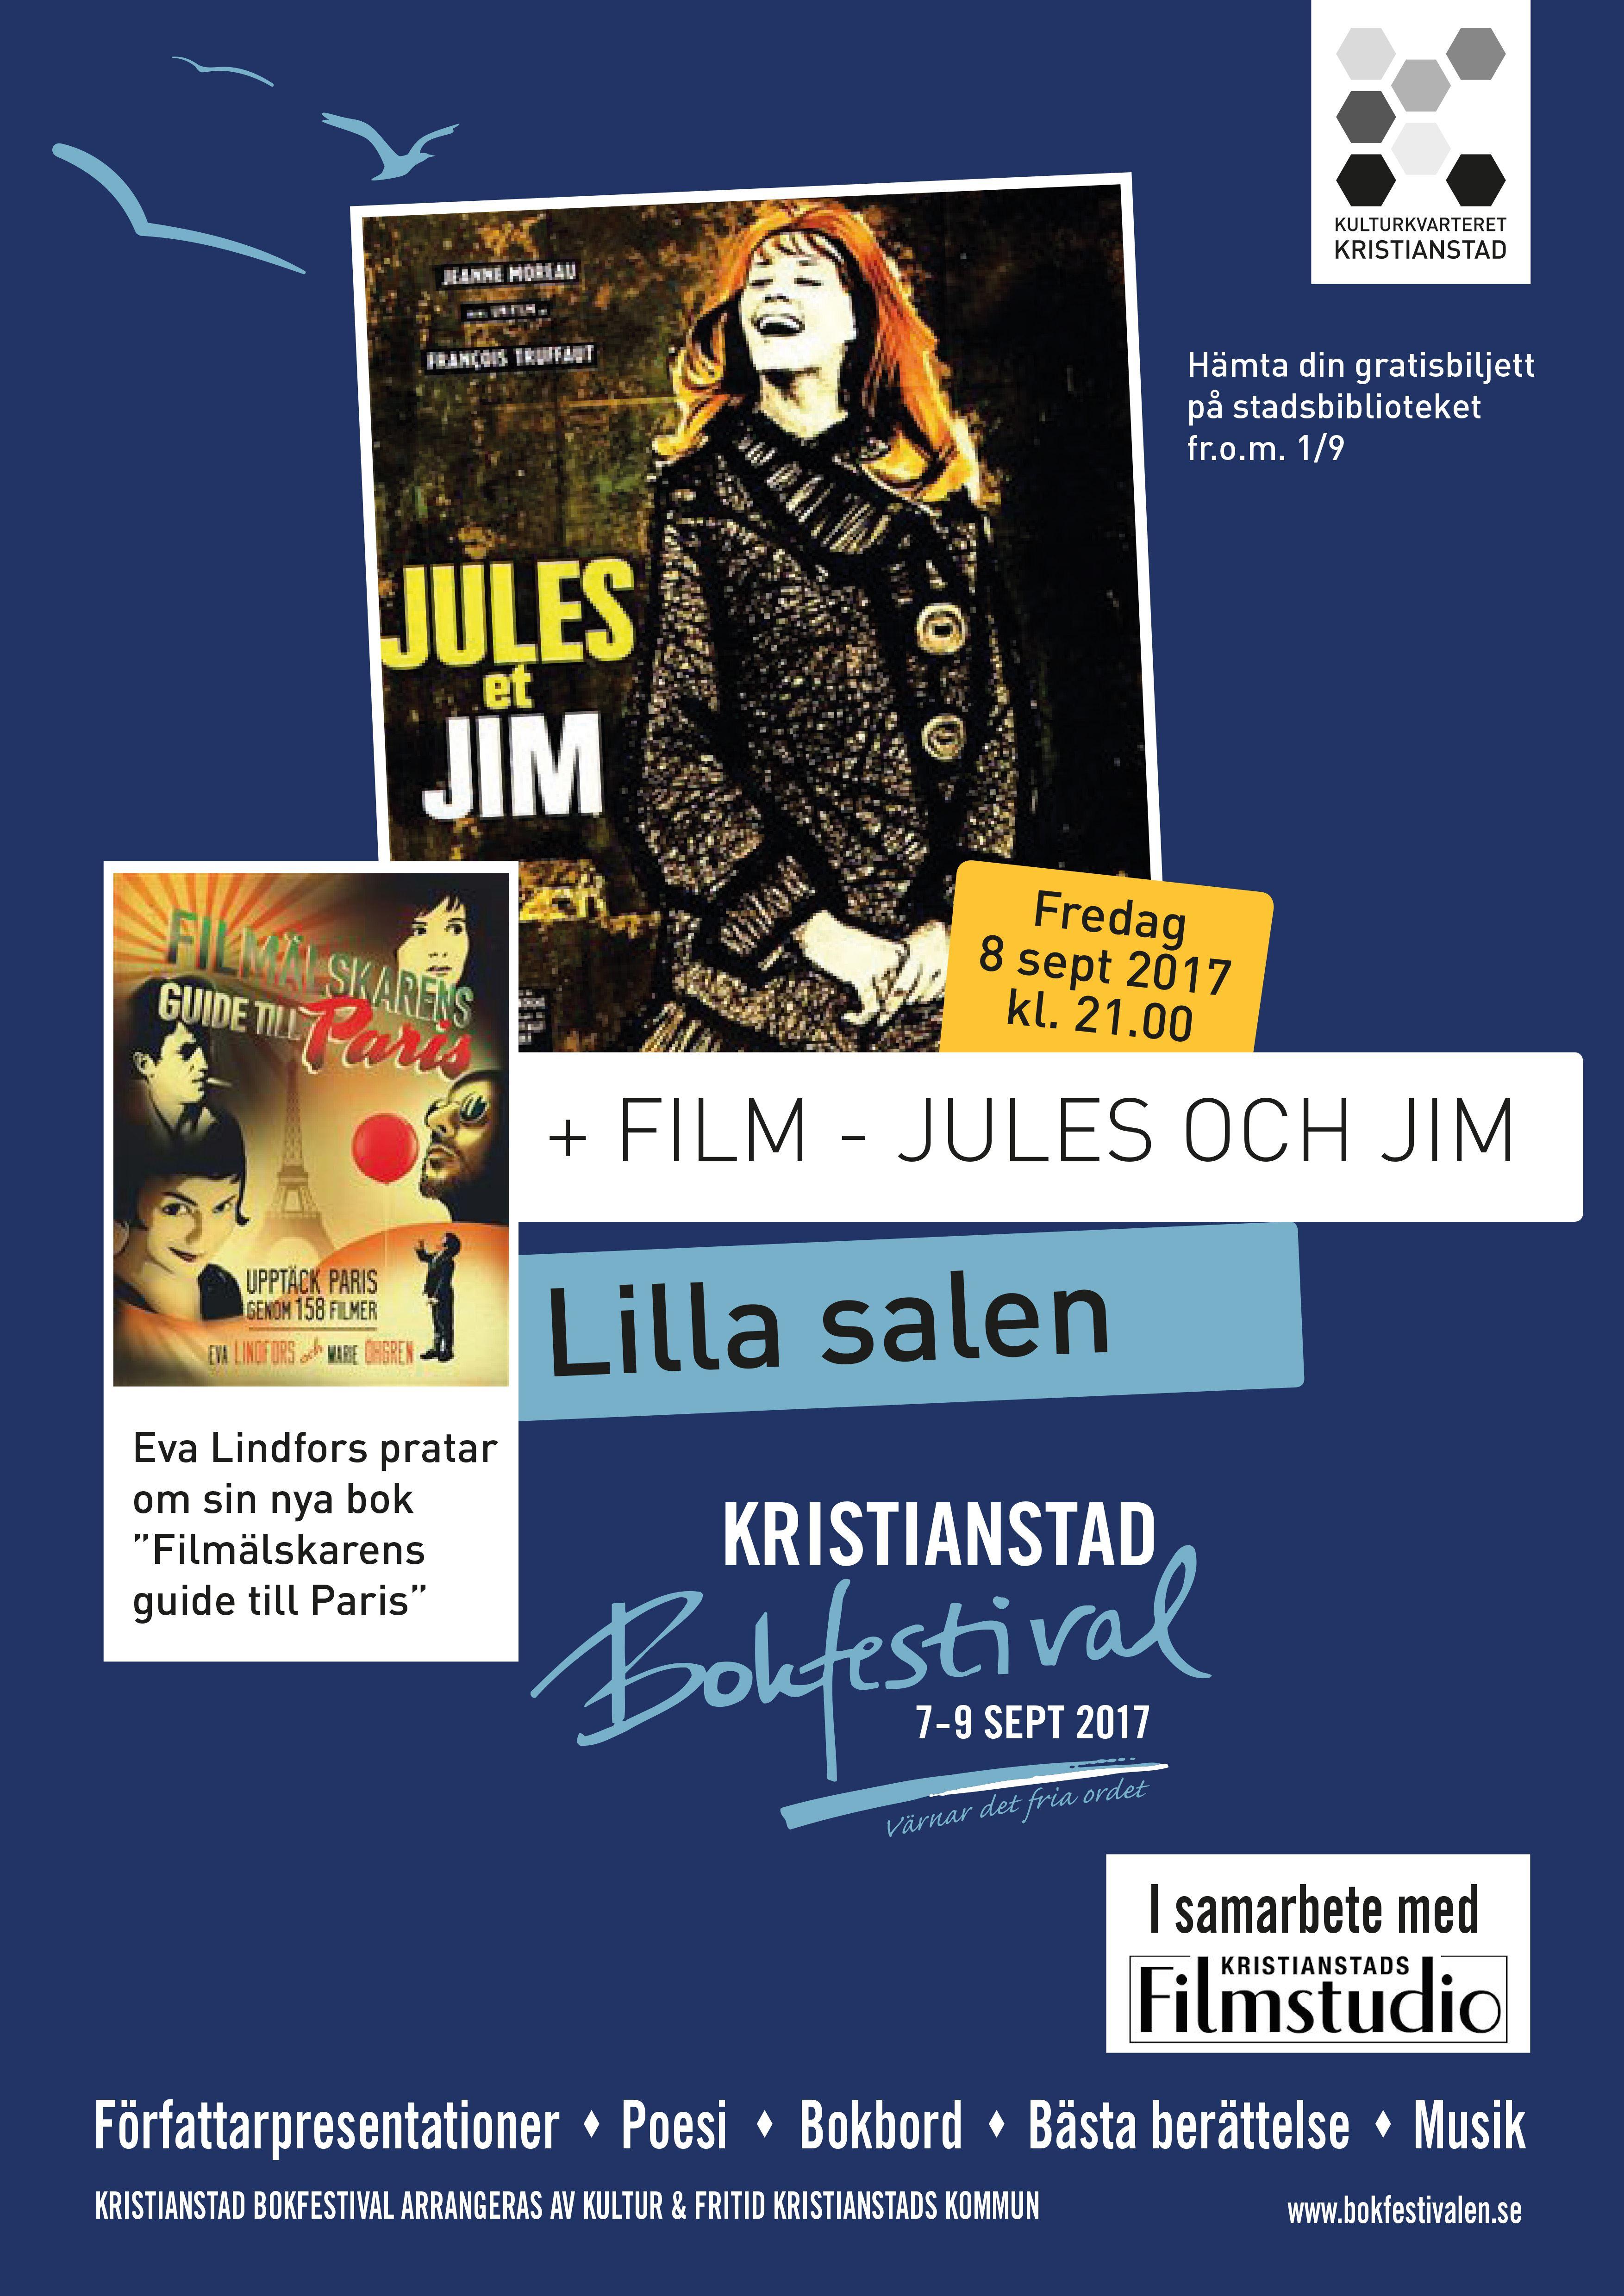 Film - Jules och Jim